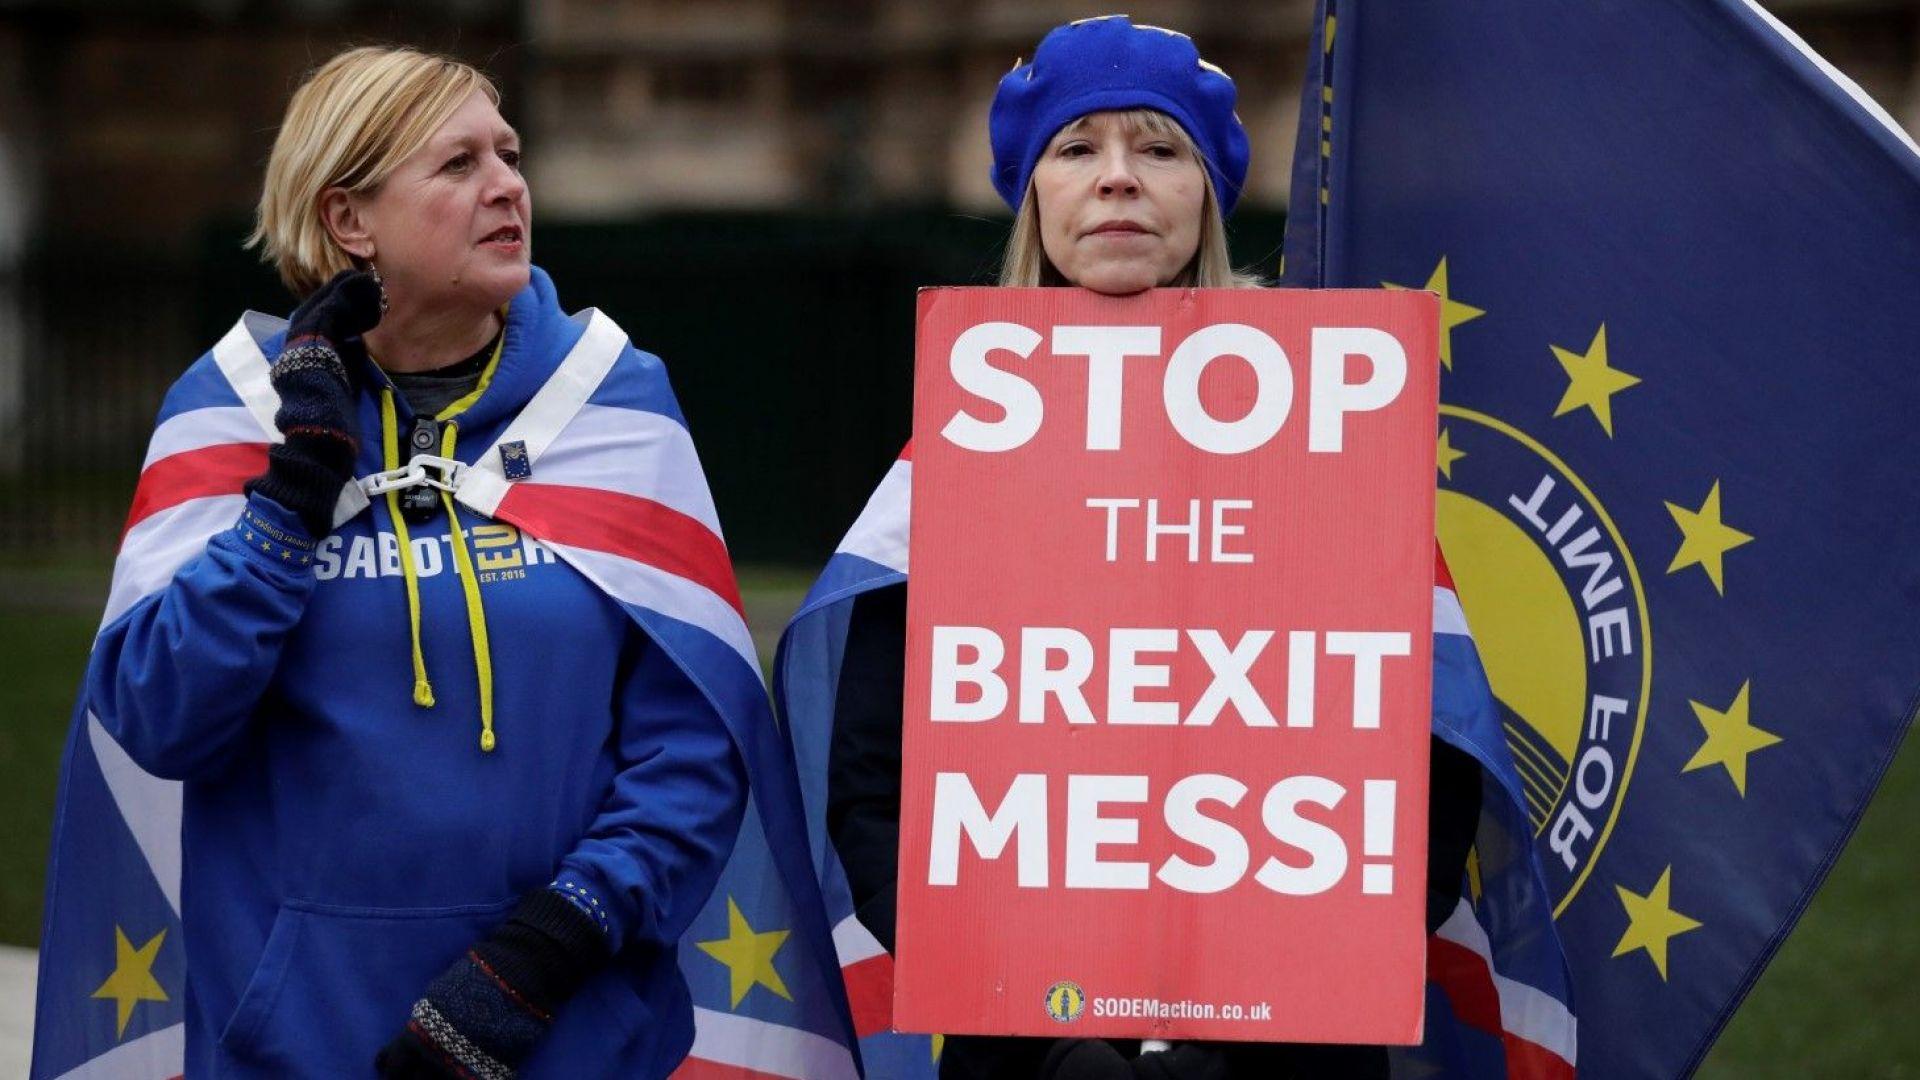 Кой е големият губещ? Петте държави, които ще пострадат най-много от Брекзит без сделка